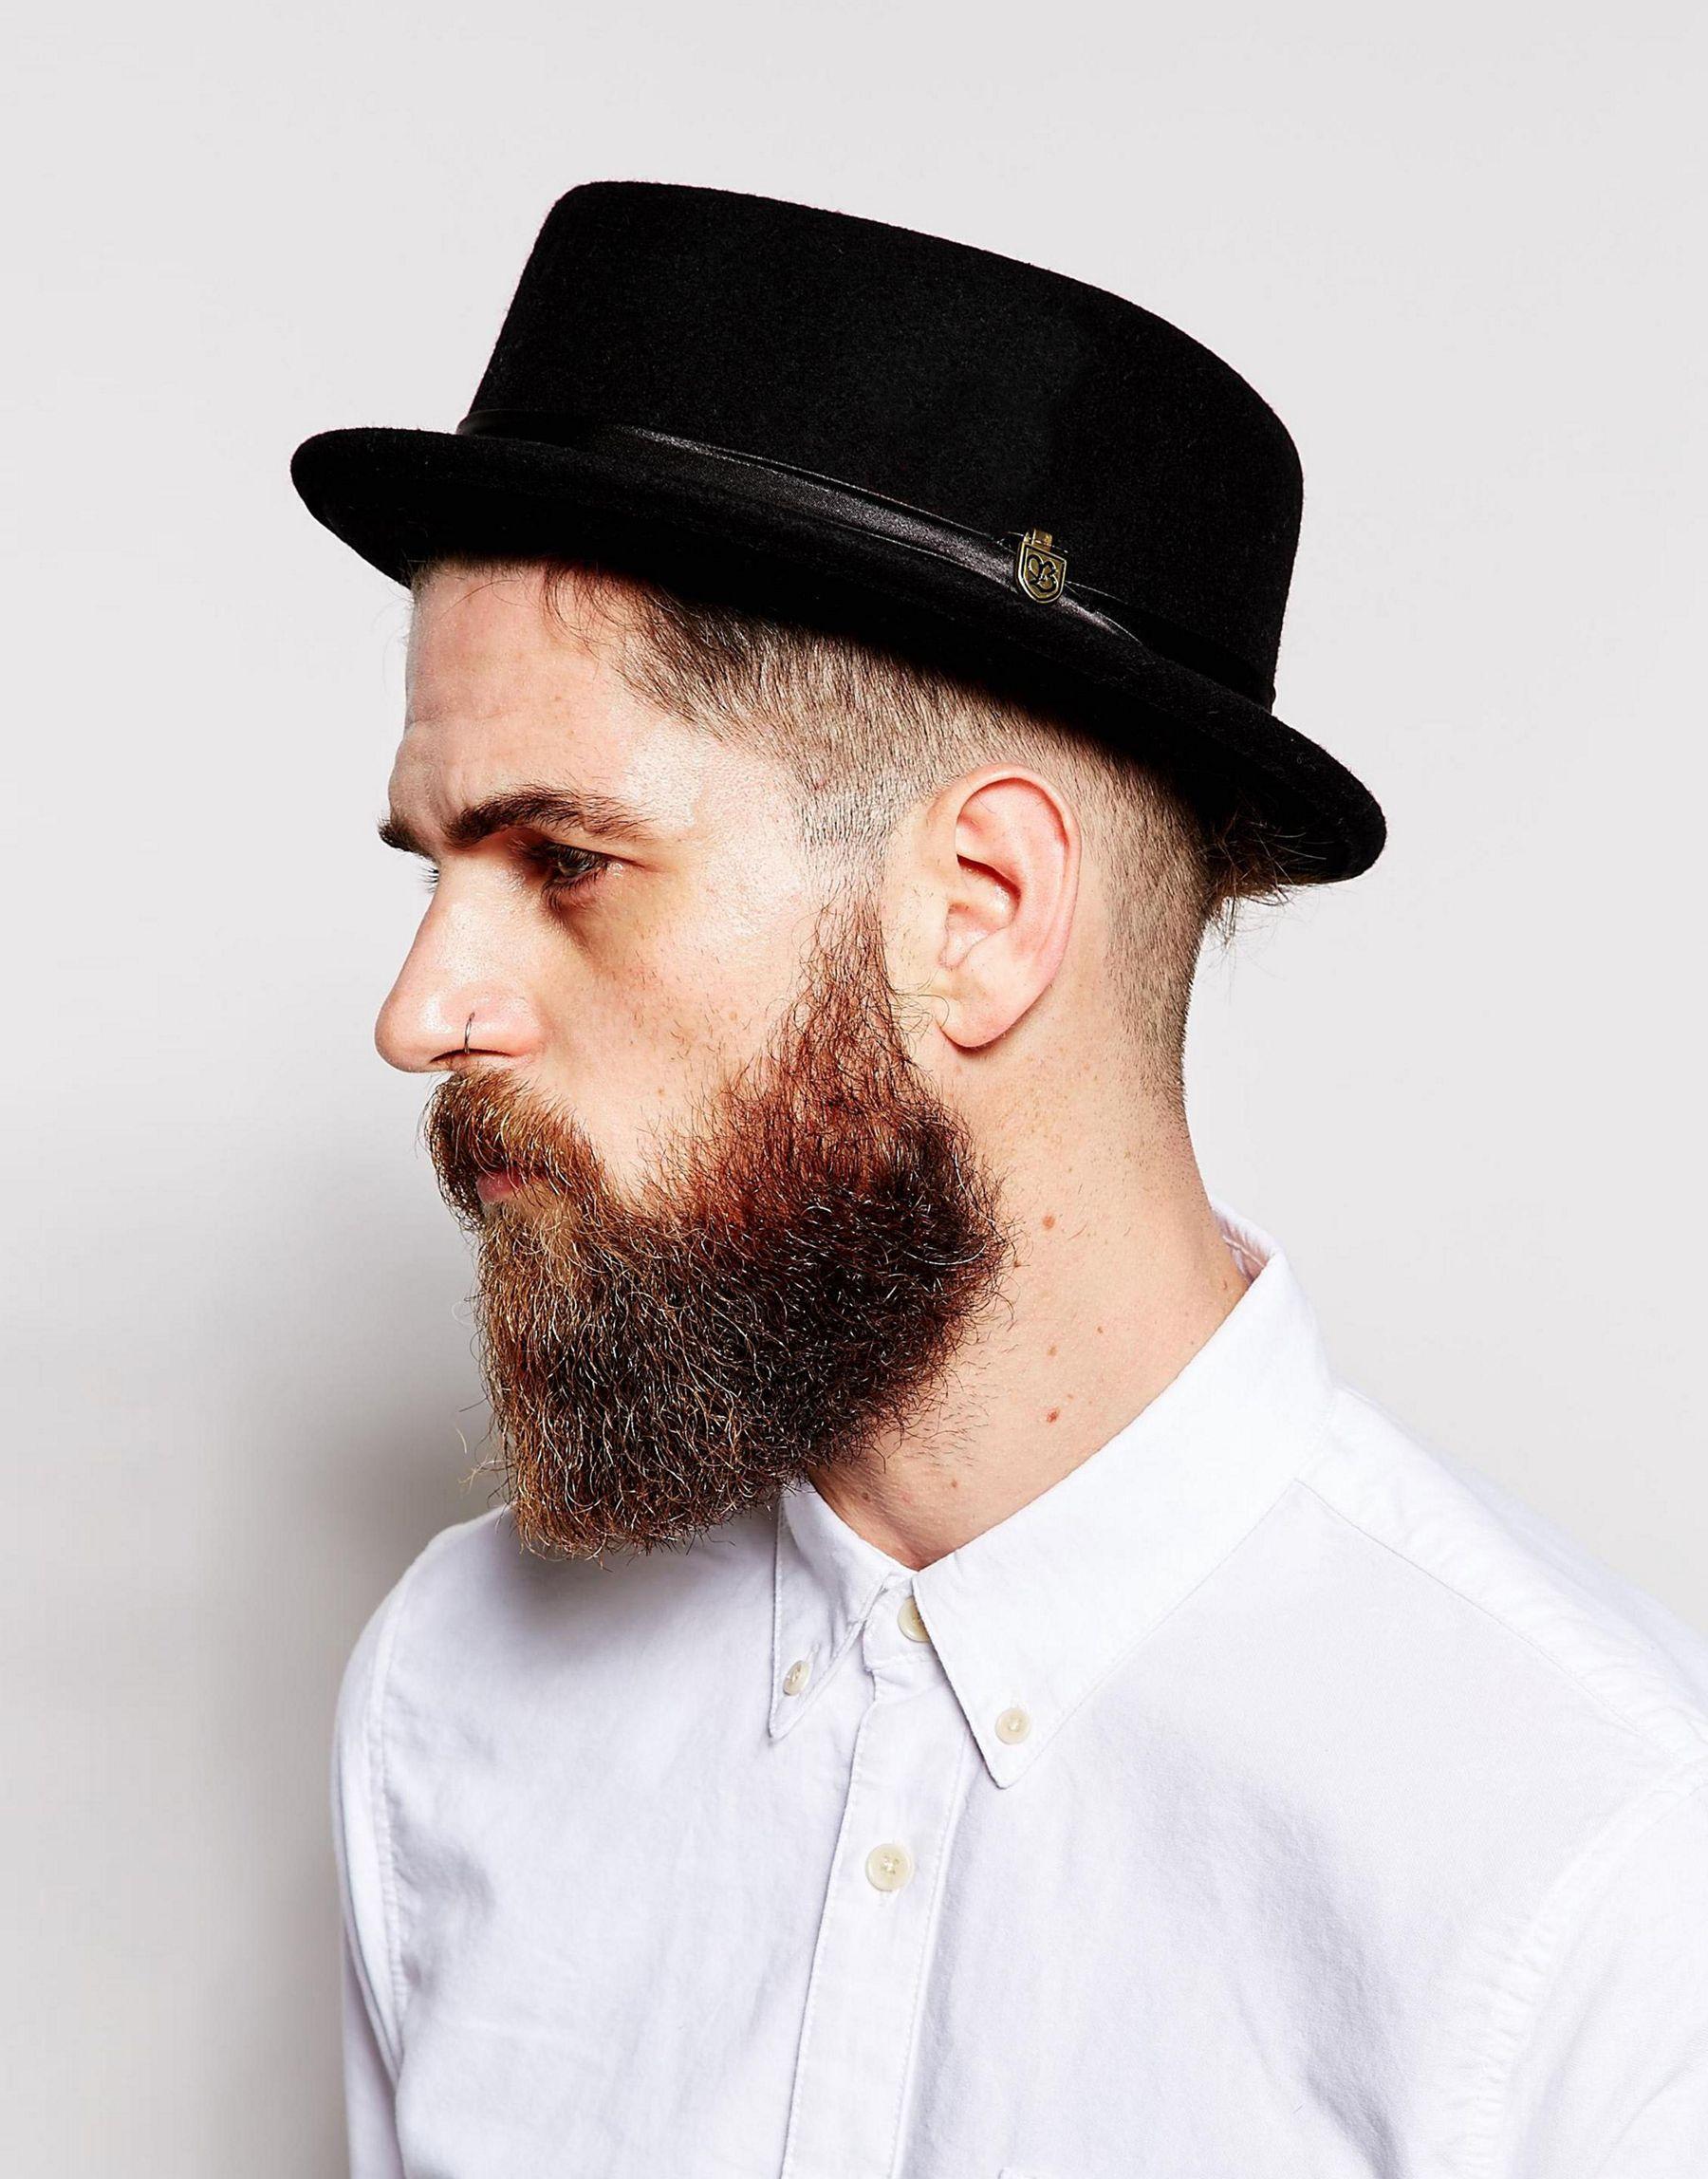 7d7a8ea605c ... Lyst - Brixton Stout Pork Pie Hat - Black in Black for Men new images  of ...